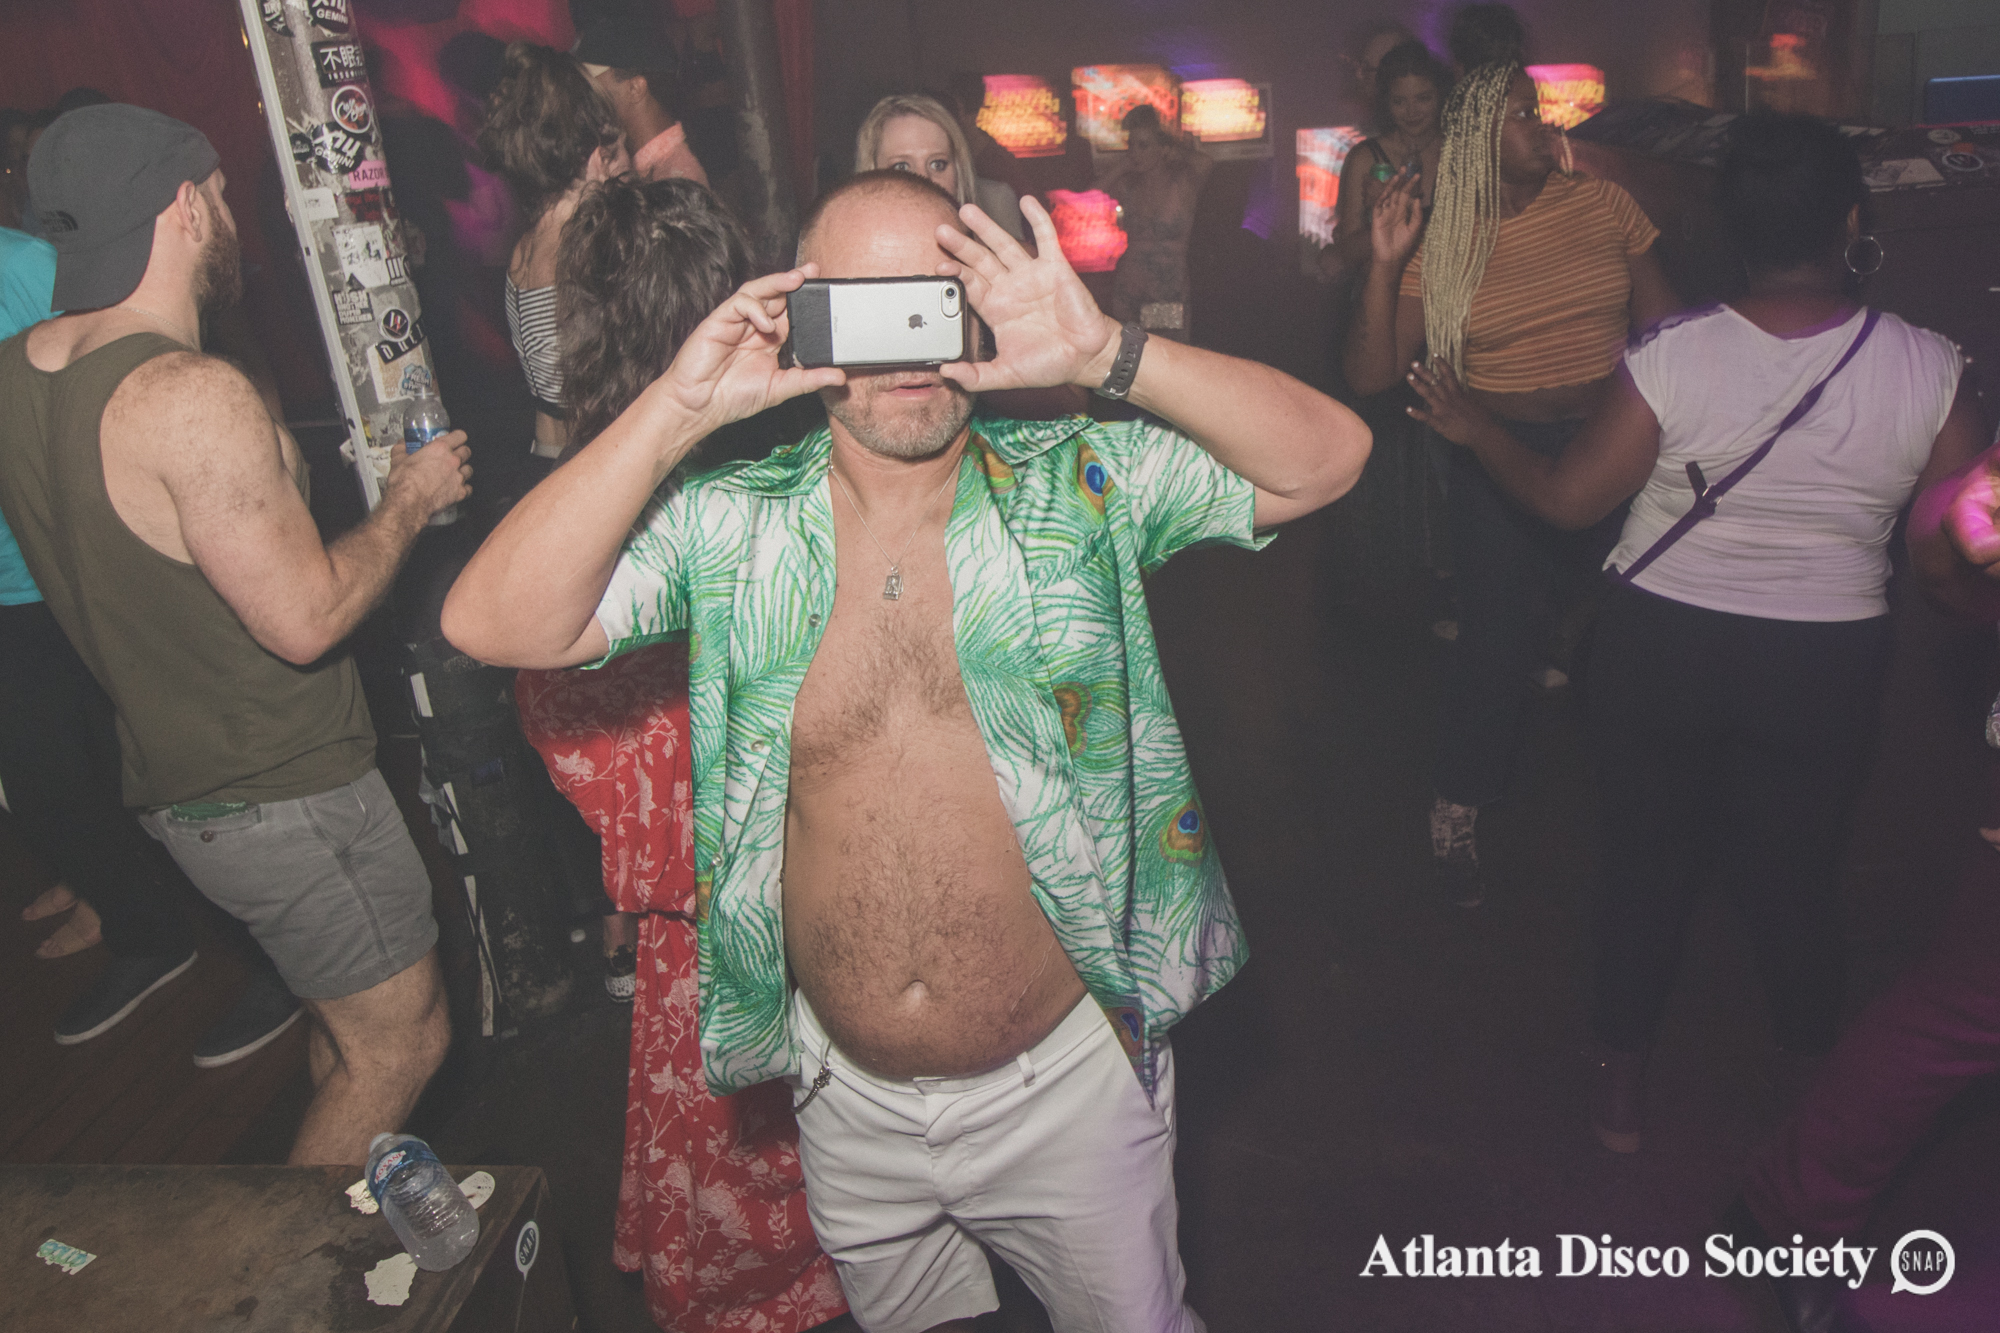 86Atlanta Disco Society Grace Kelly Oh Snap Kid 7.27.19.jpg